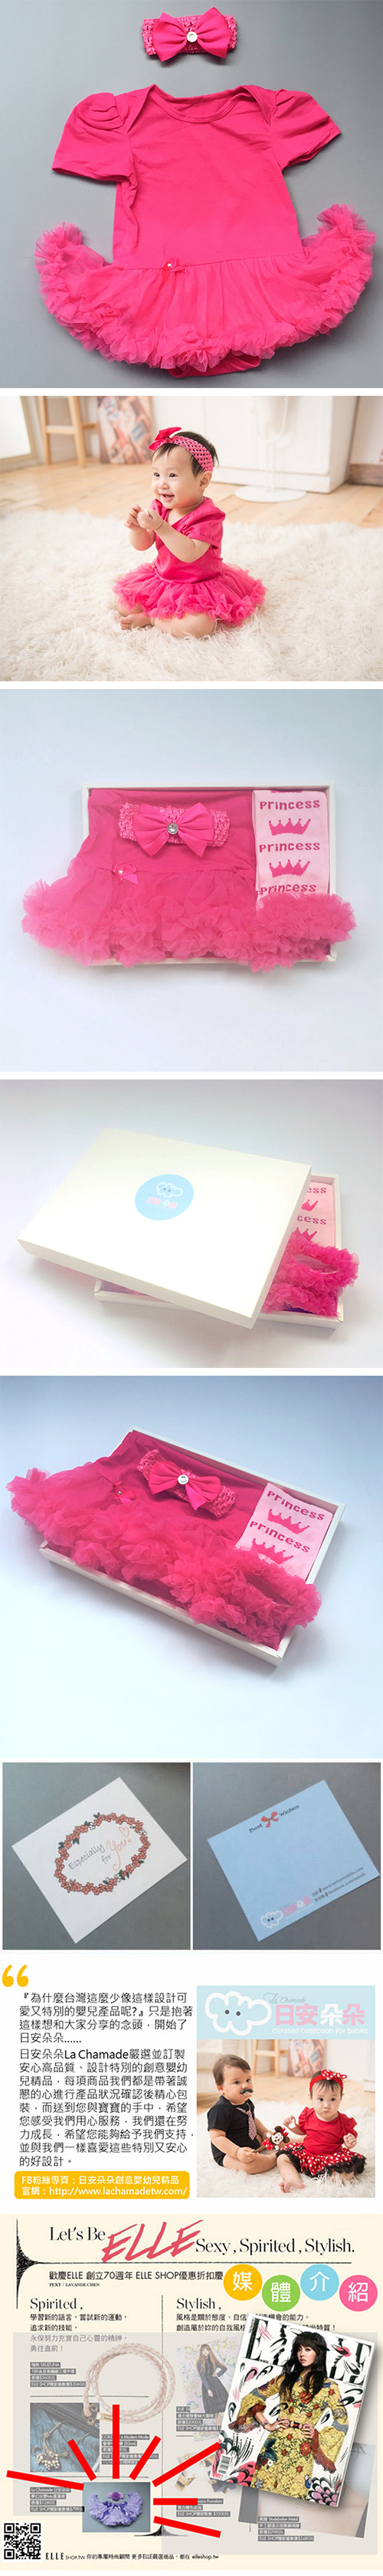 日安朵朵 女嬰雪紡蓬蓬裙連身衣禮盒 - 桃紅芭比(衣+圍兜+寶寶襪) (6-12個月)